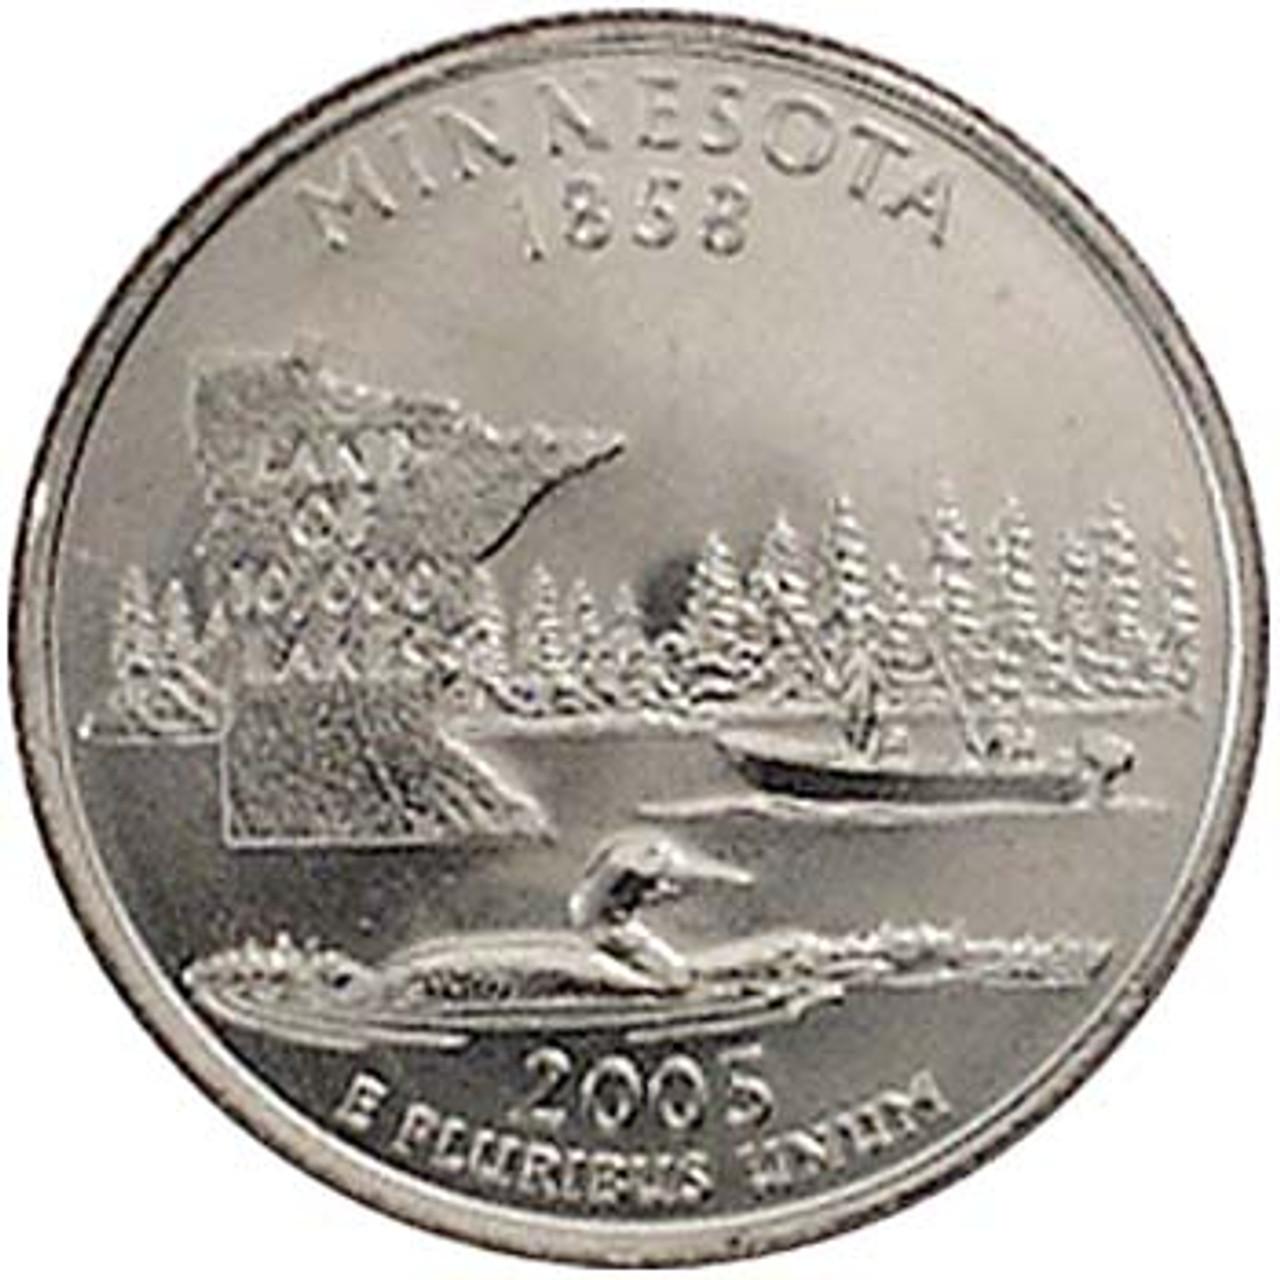 2005-P Minnesota Quarter Brilliant Uncirculated Image 1